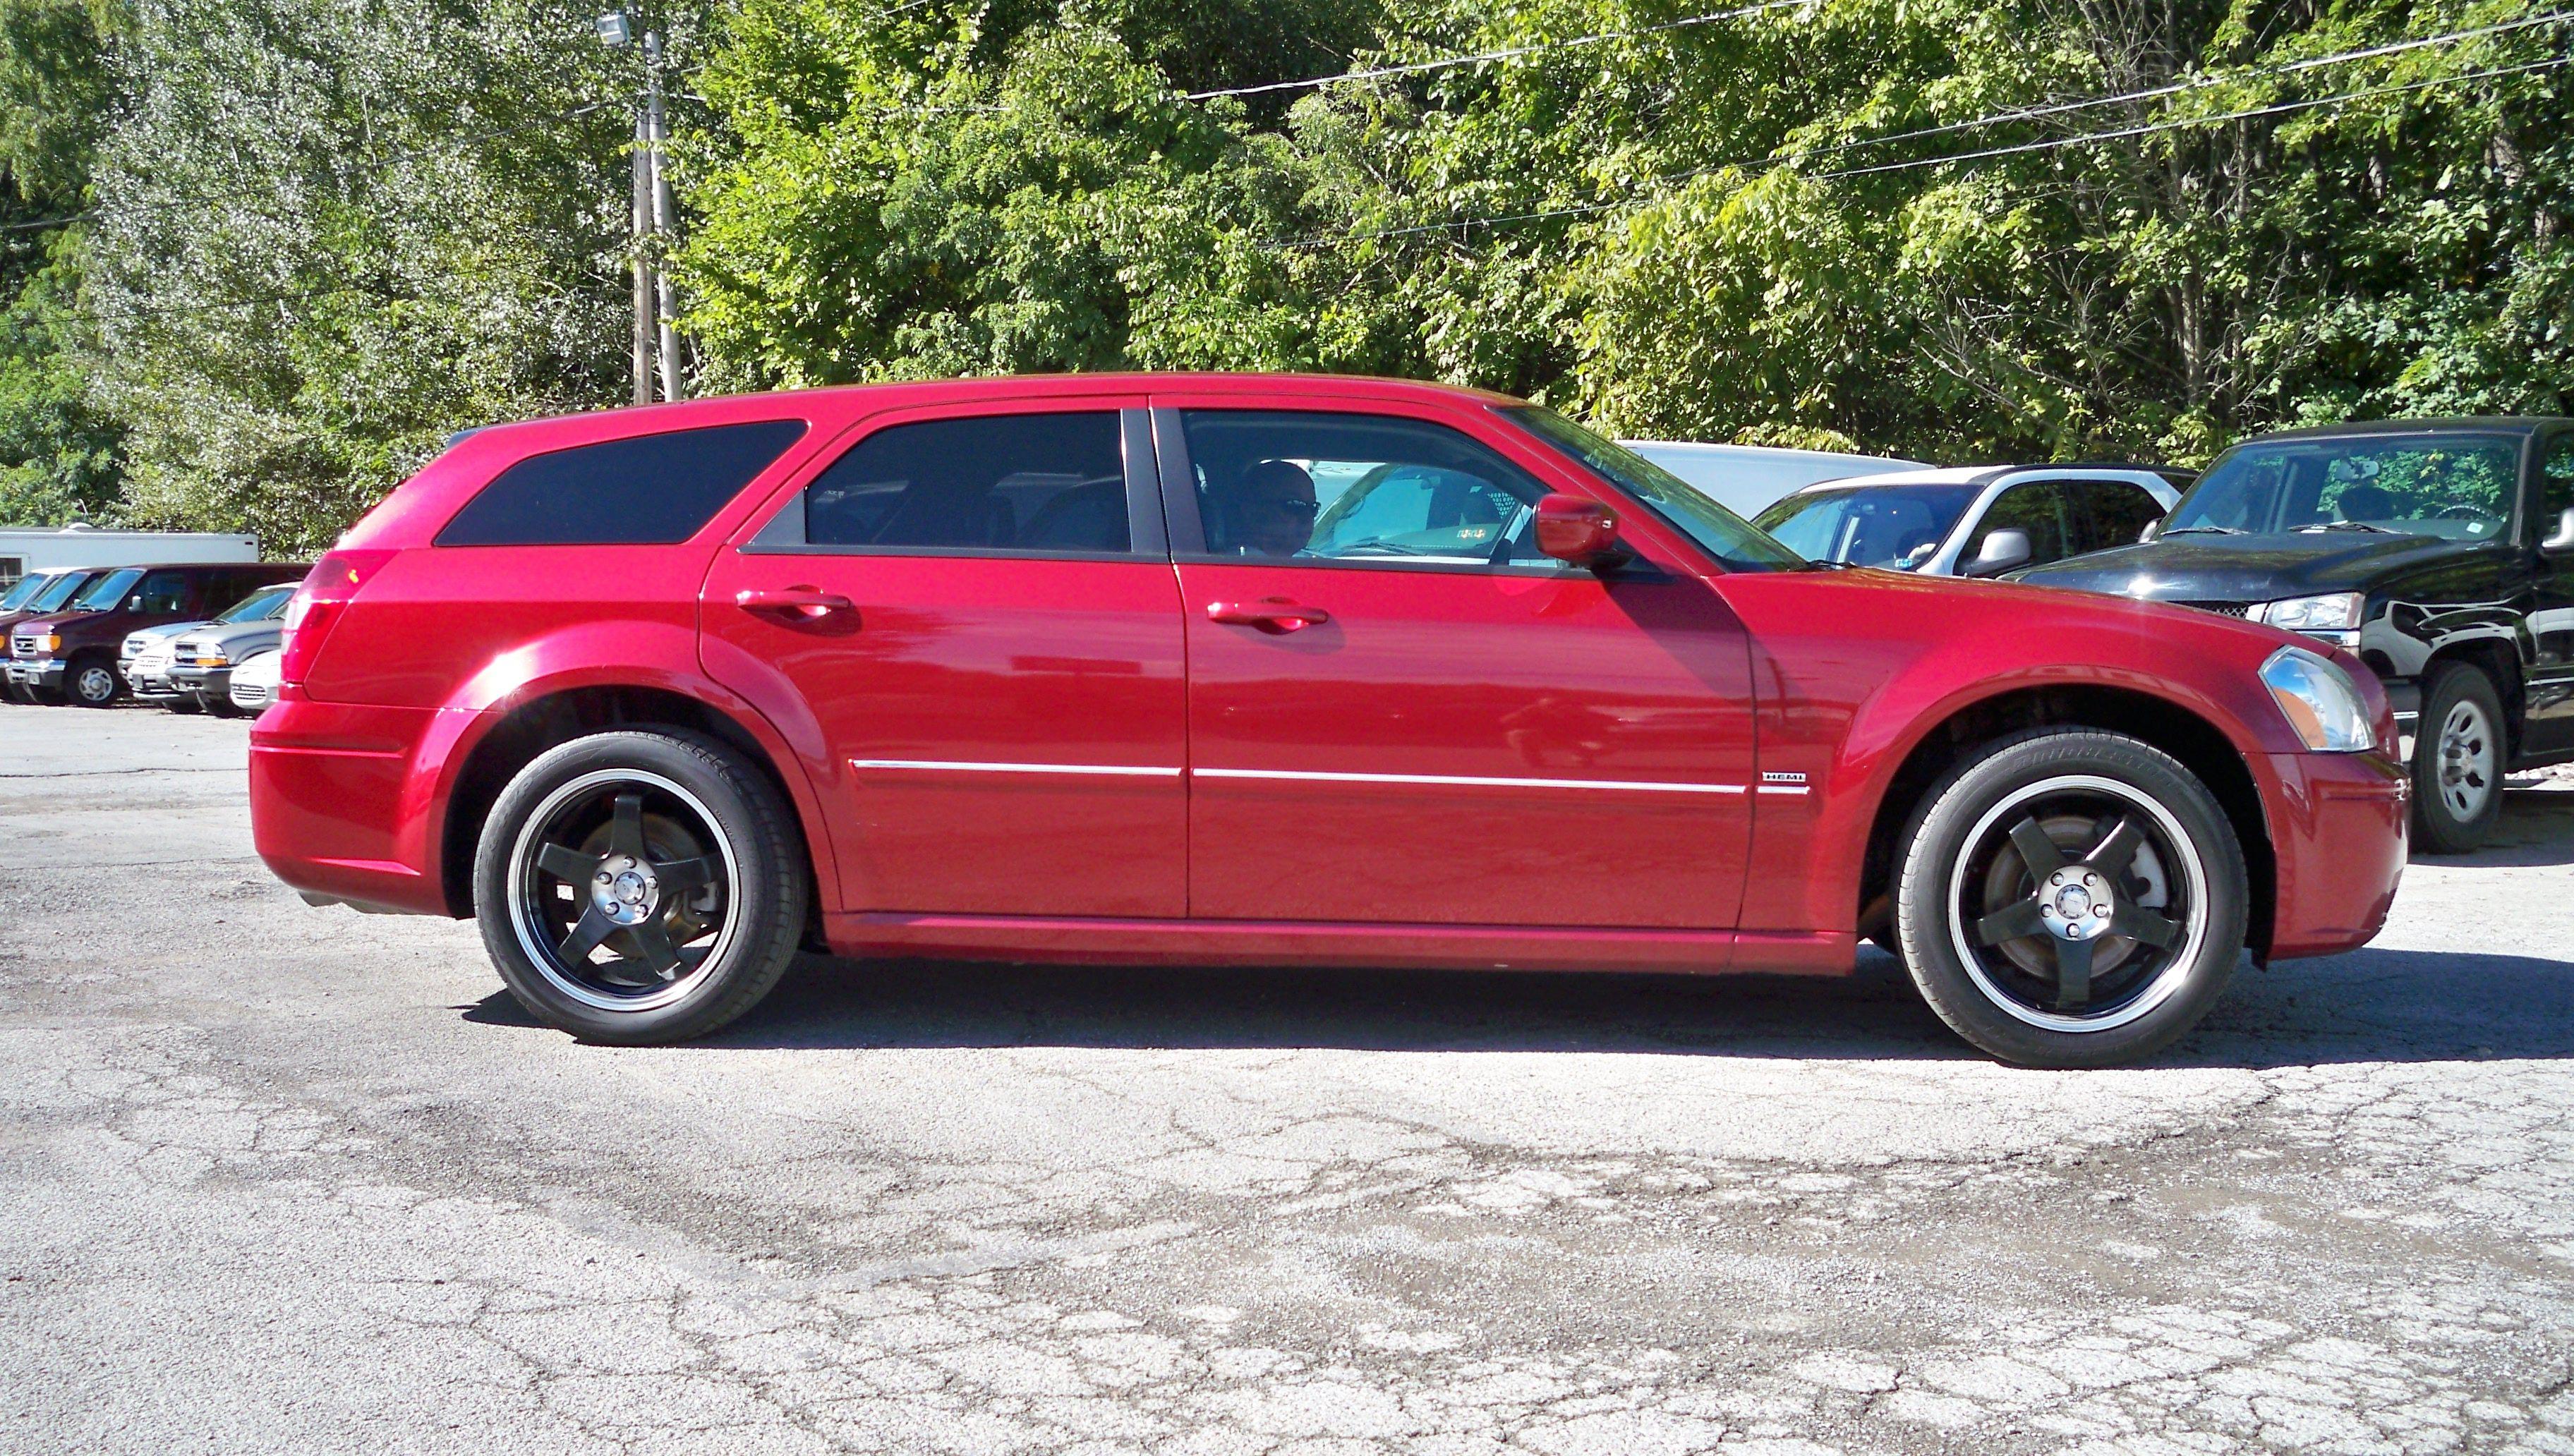 2005 Dodge Magnum RT AWD - $11,950  Mill Creek Auto Sales  1-866-414-5509